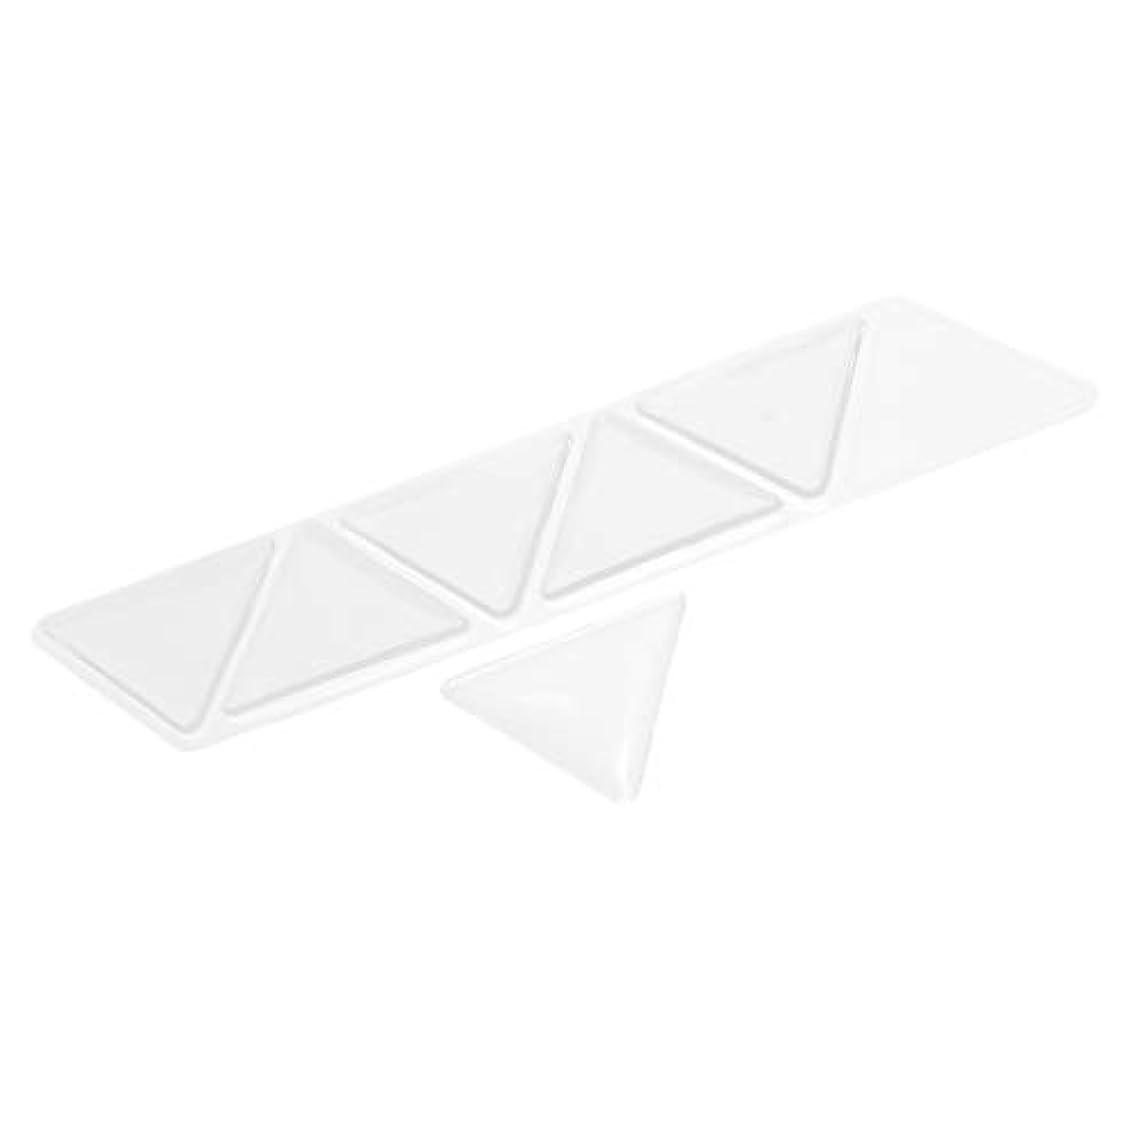 治療本土日光額パッド スキンケアパッド アンチリンクル シリコン 三角パッド 再使用可能な